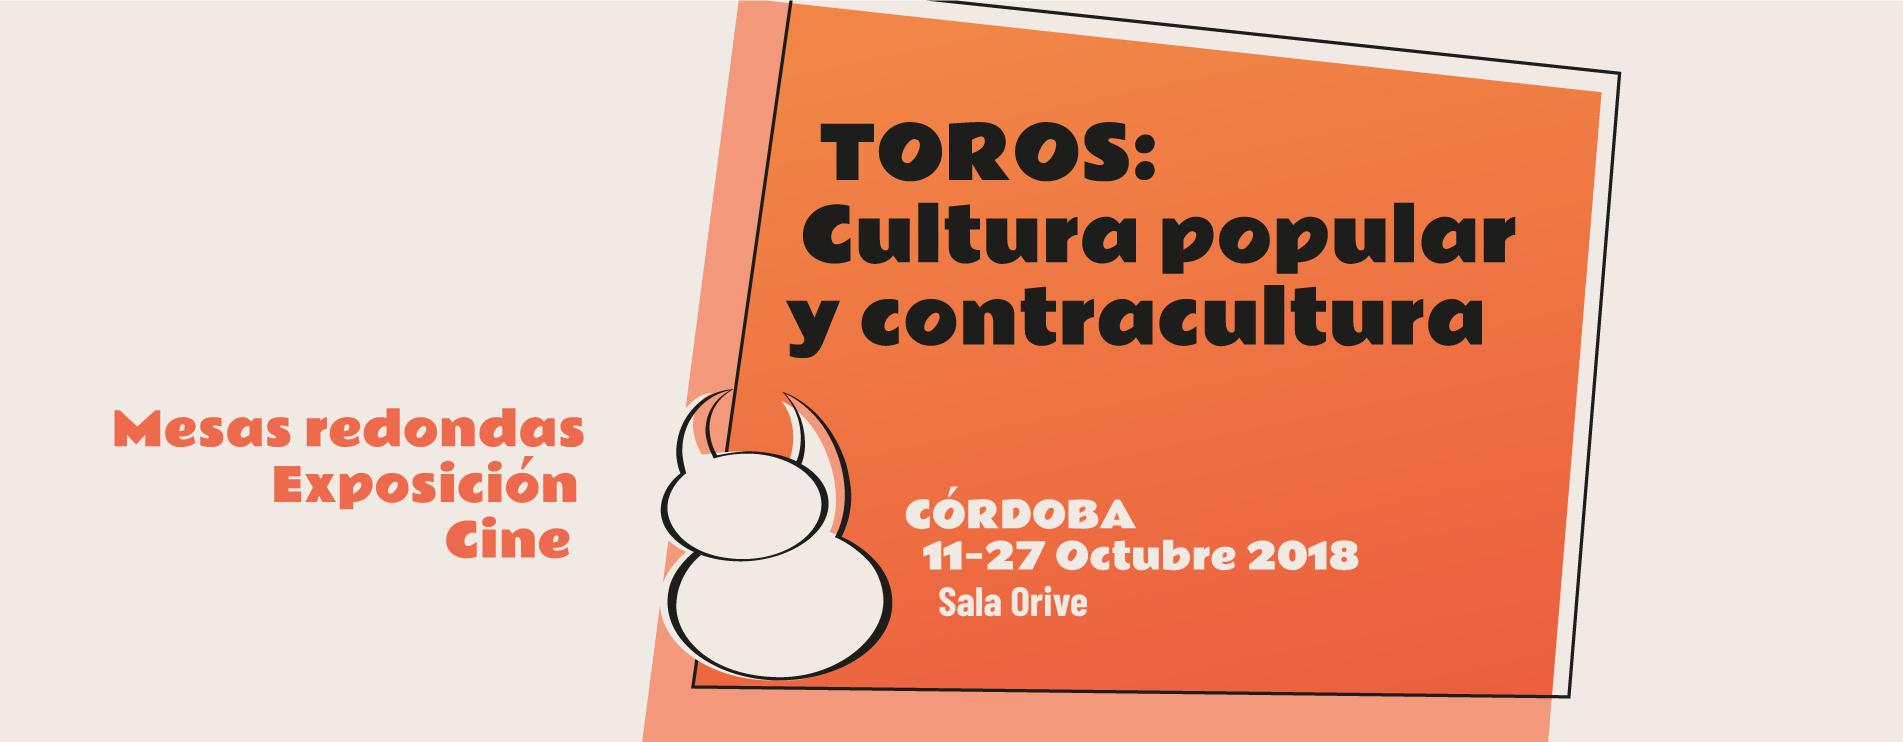 EQUO reprueba el apoyo continuado a la tauromaquia del concejal Luque en el área de Cultura del Ayuntamiento de Córdoba